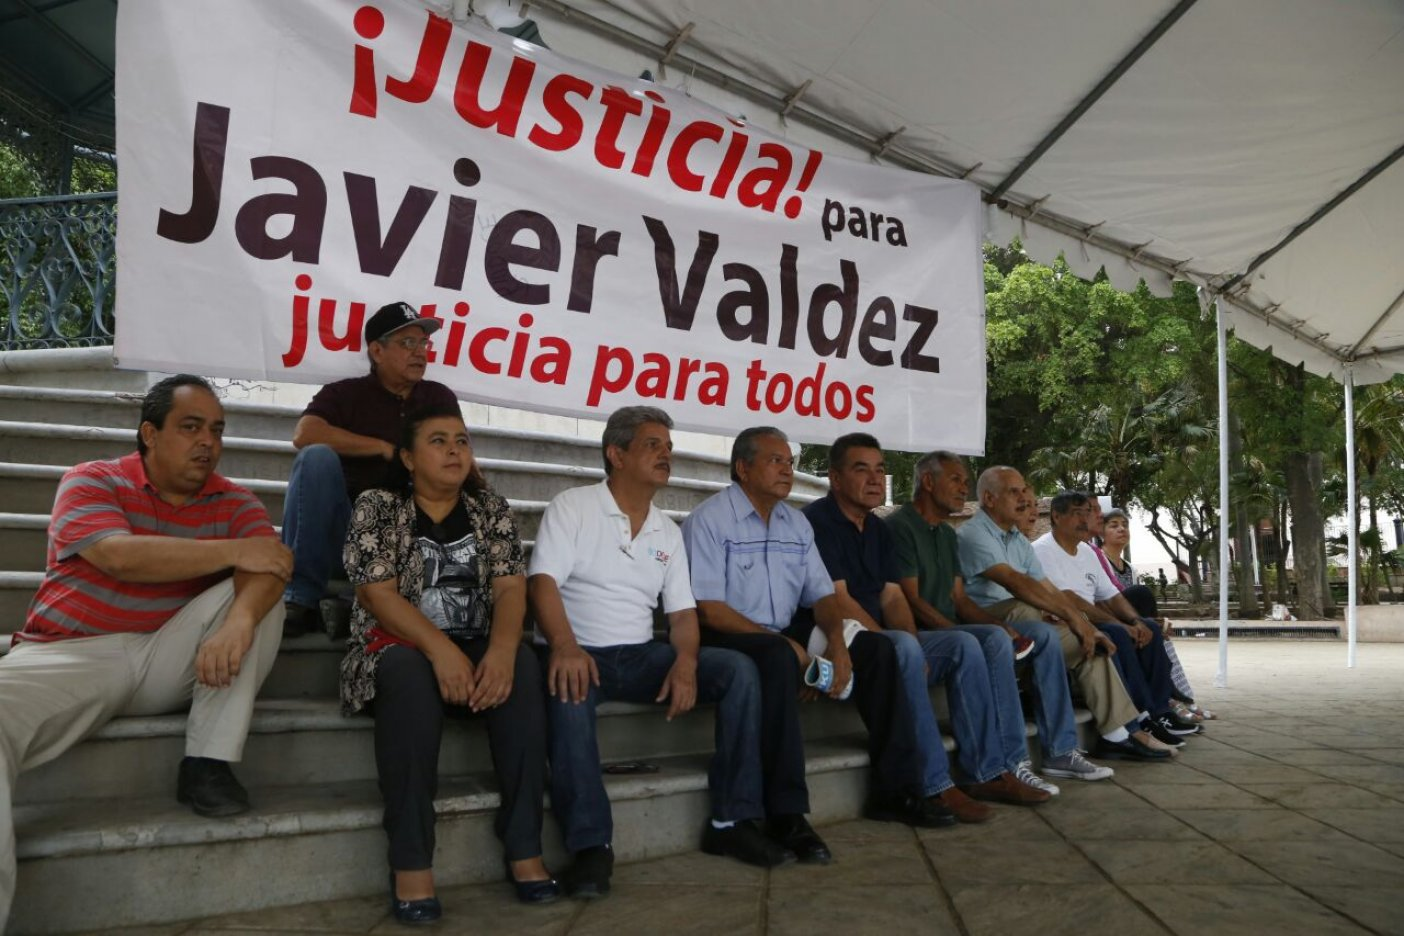 Voz de Javier Valdez vive en periodistas que resisten